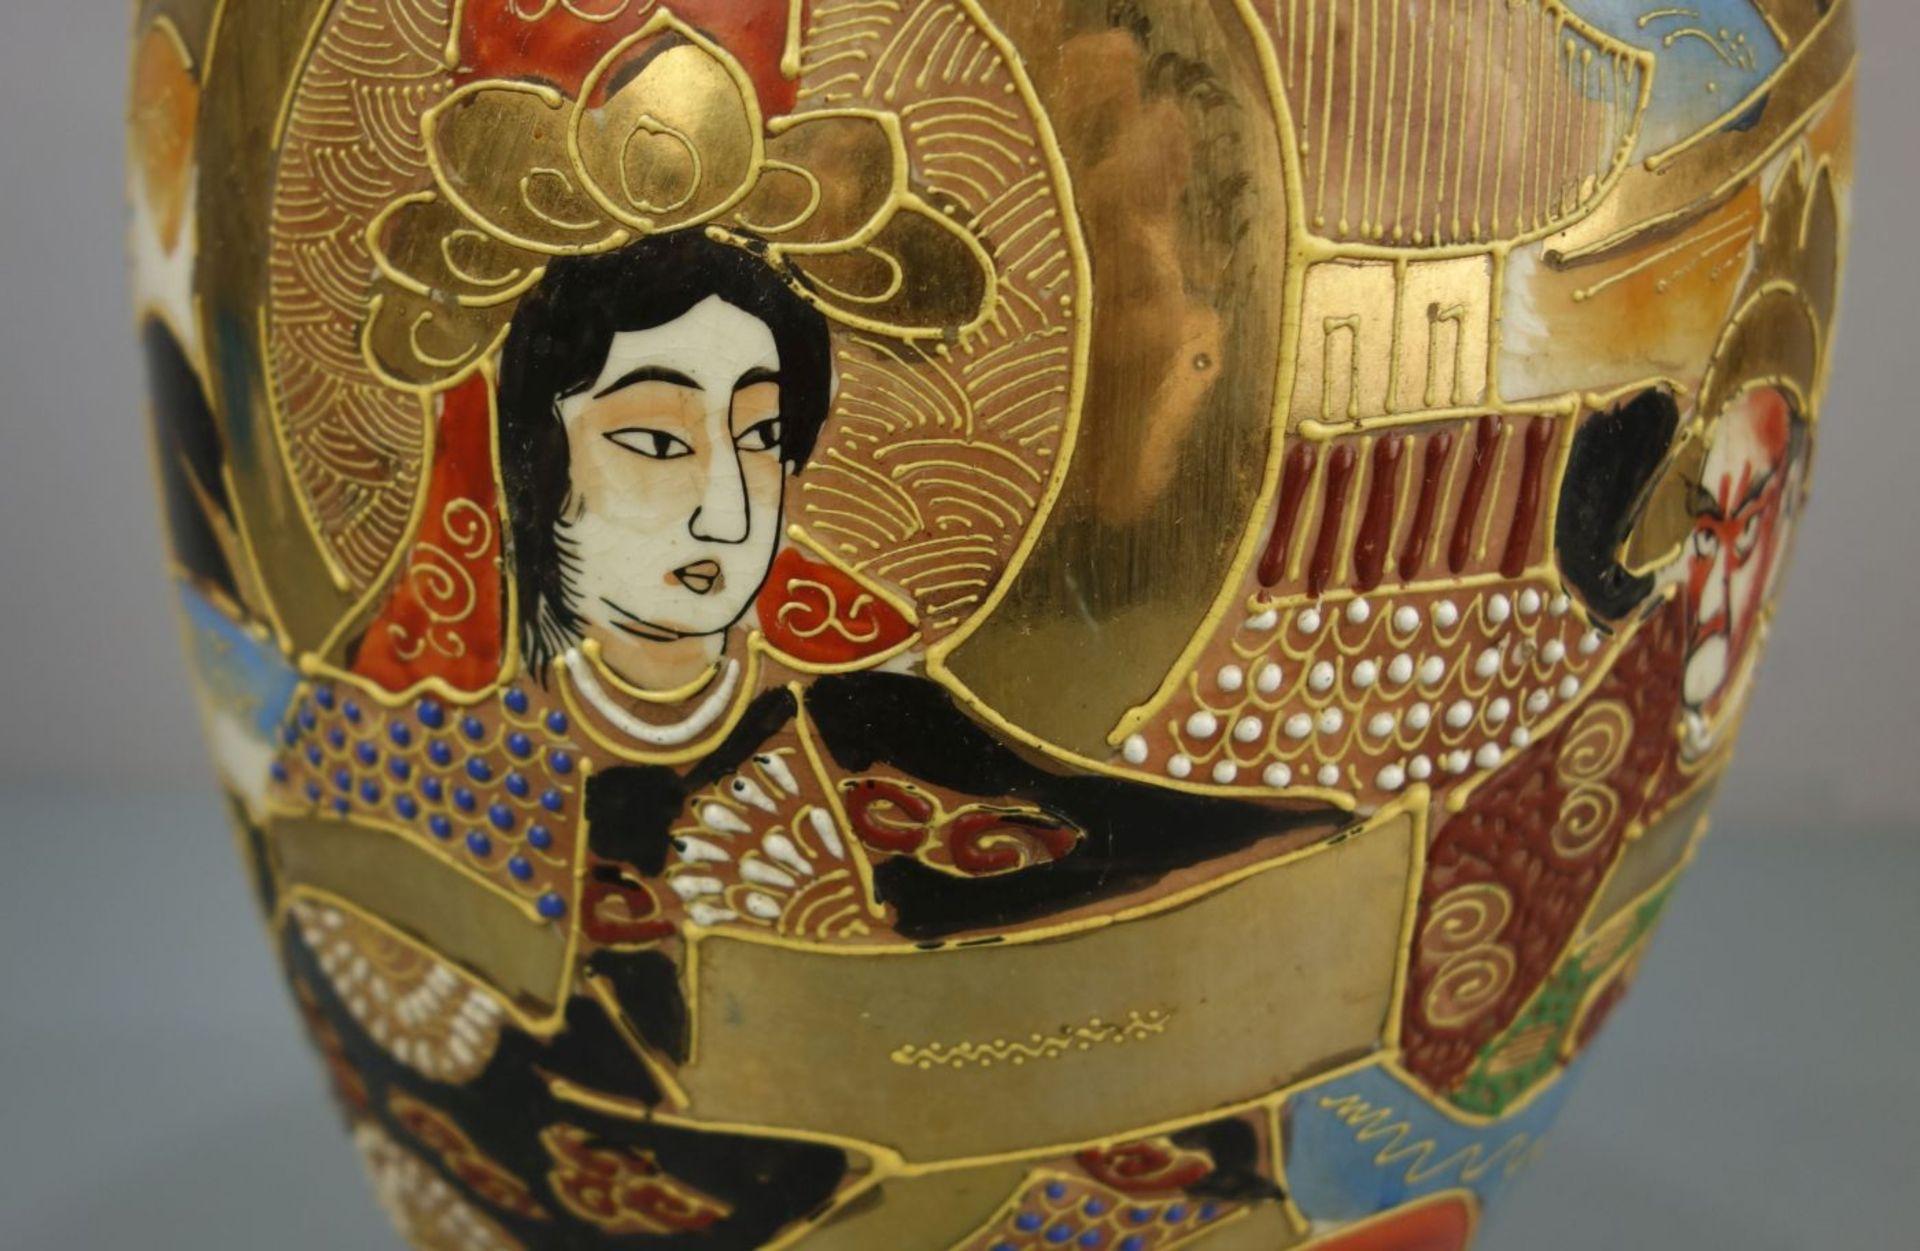 SATSUMA - VASE - Image 2 of 4